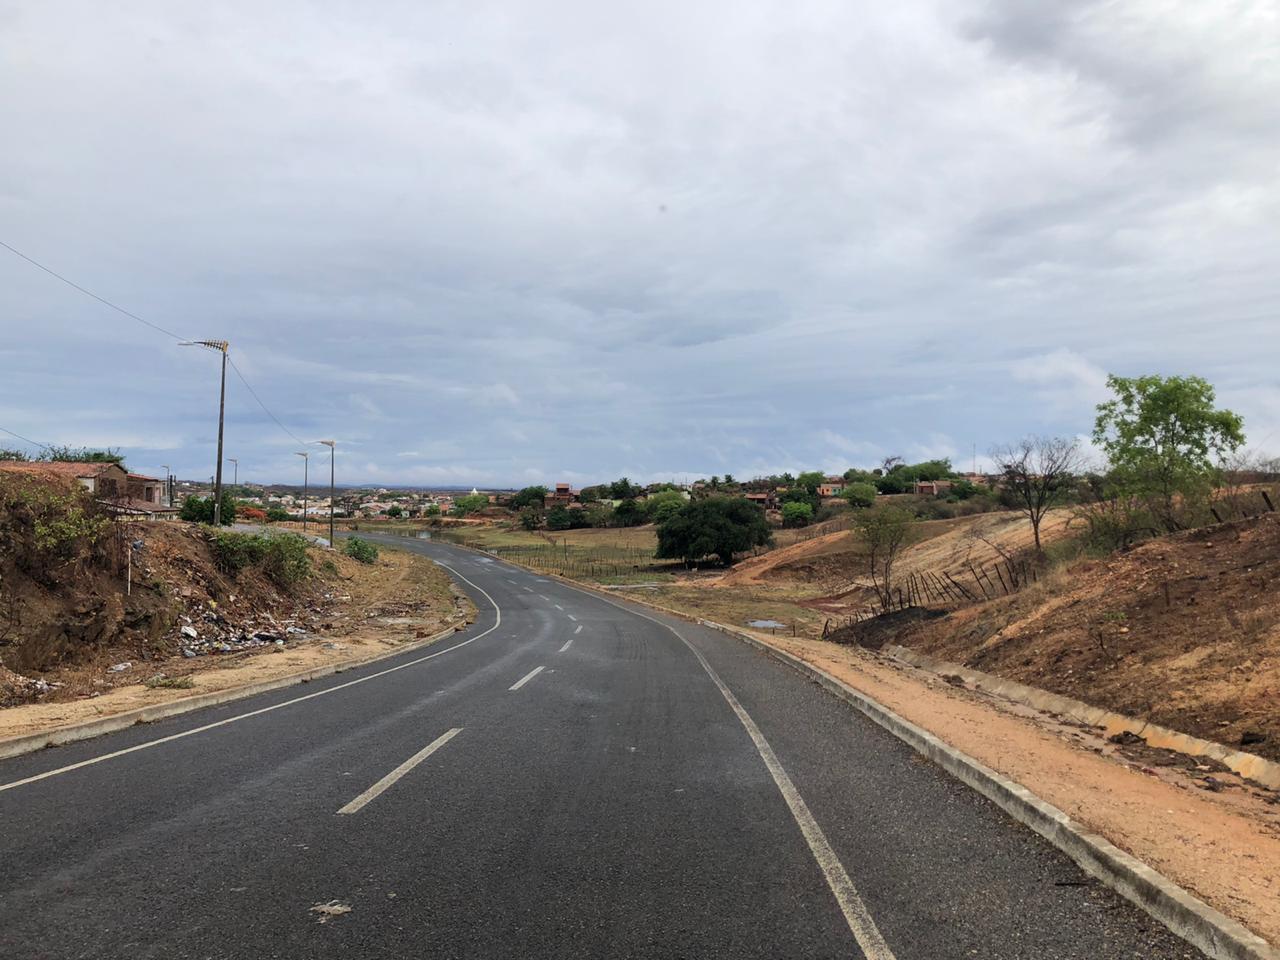 áreas mais ao norte do Ceará apresentam cenário mais favorável à chuva (FOTO: Marciel Bezerra)